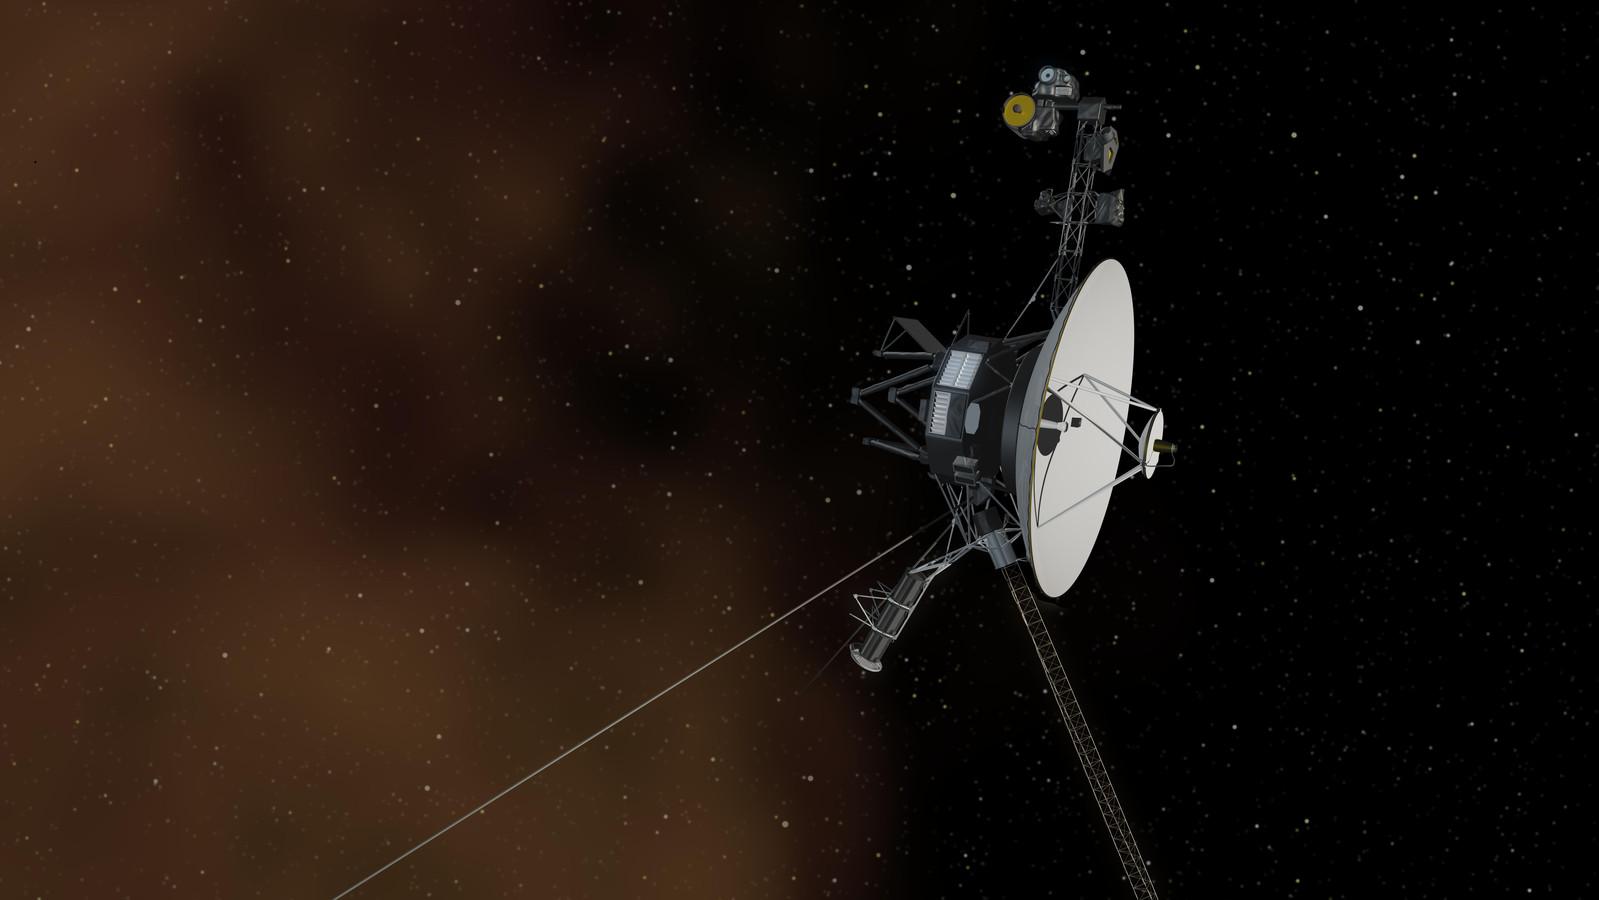 Een artist's impression van de sonde Voyager 1.